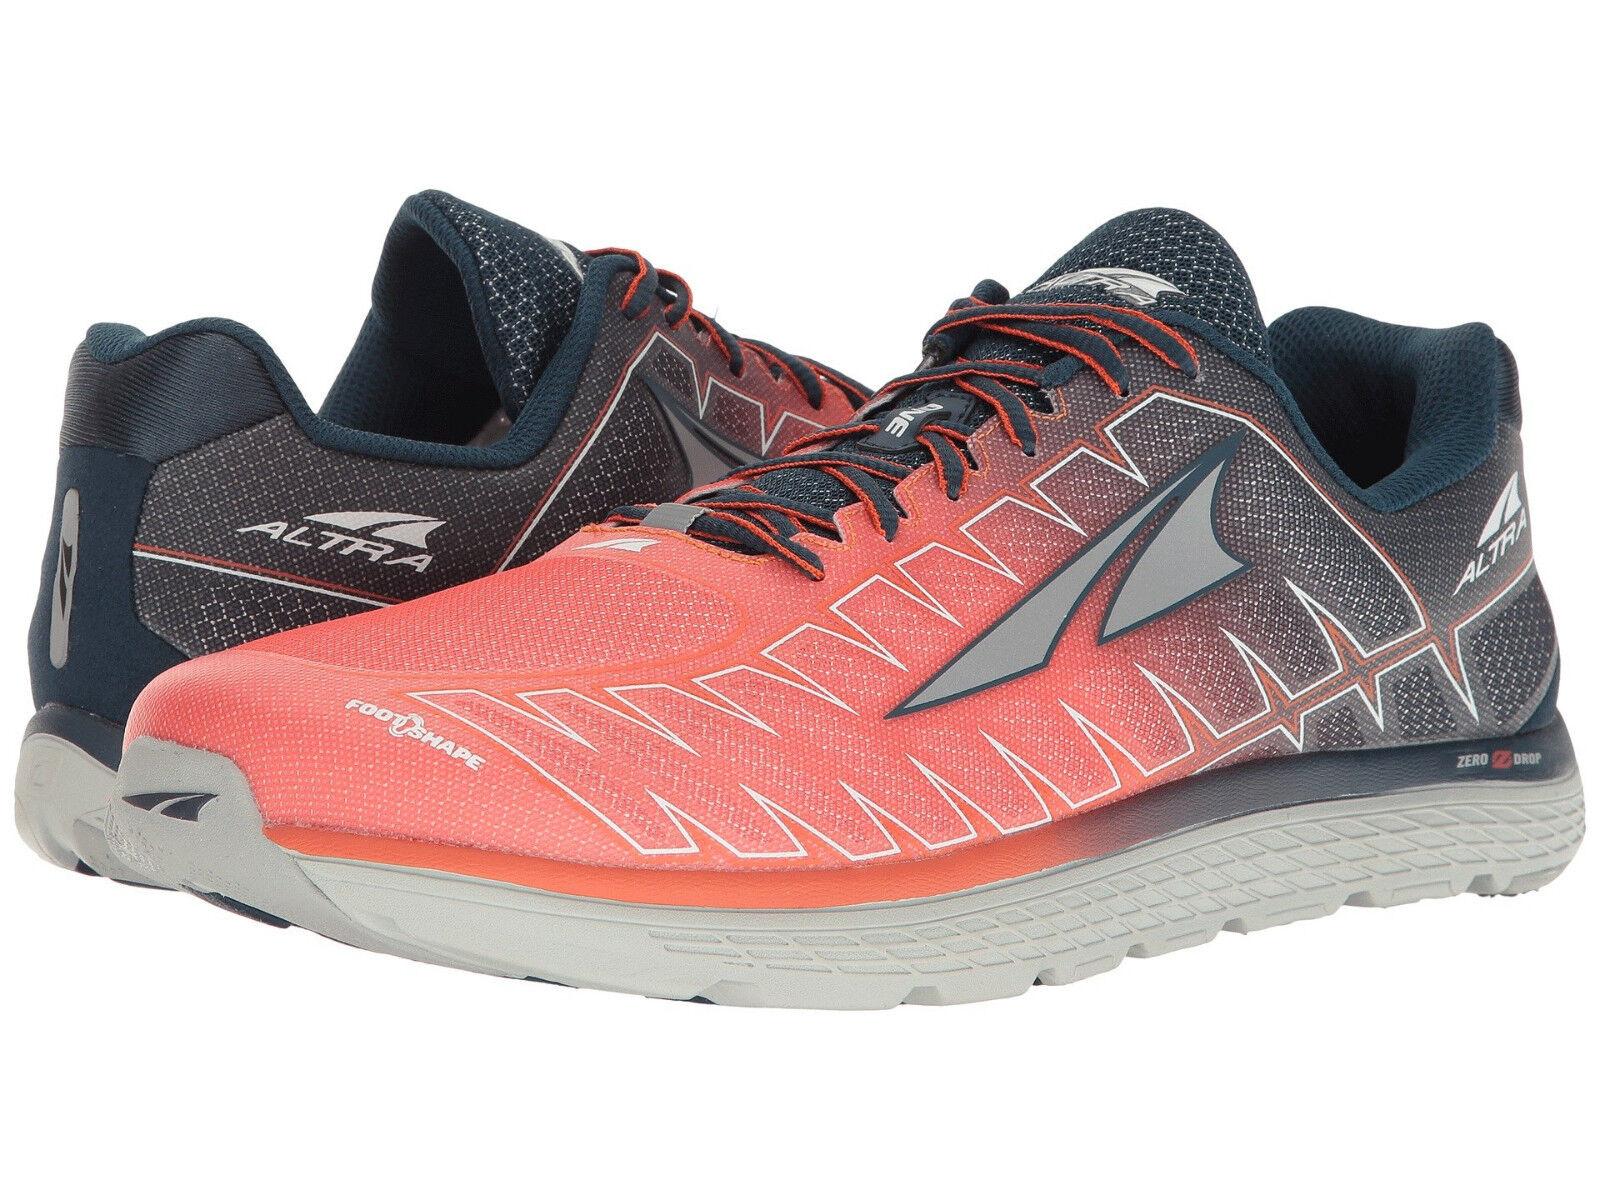 Altra One V3 Running shoes, Men's Size 12-12.5 D, orange AFM1734F-2 NEW